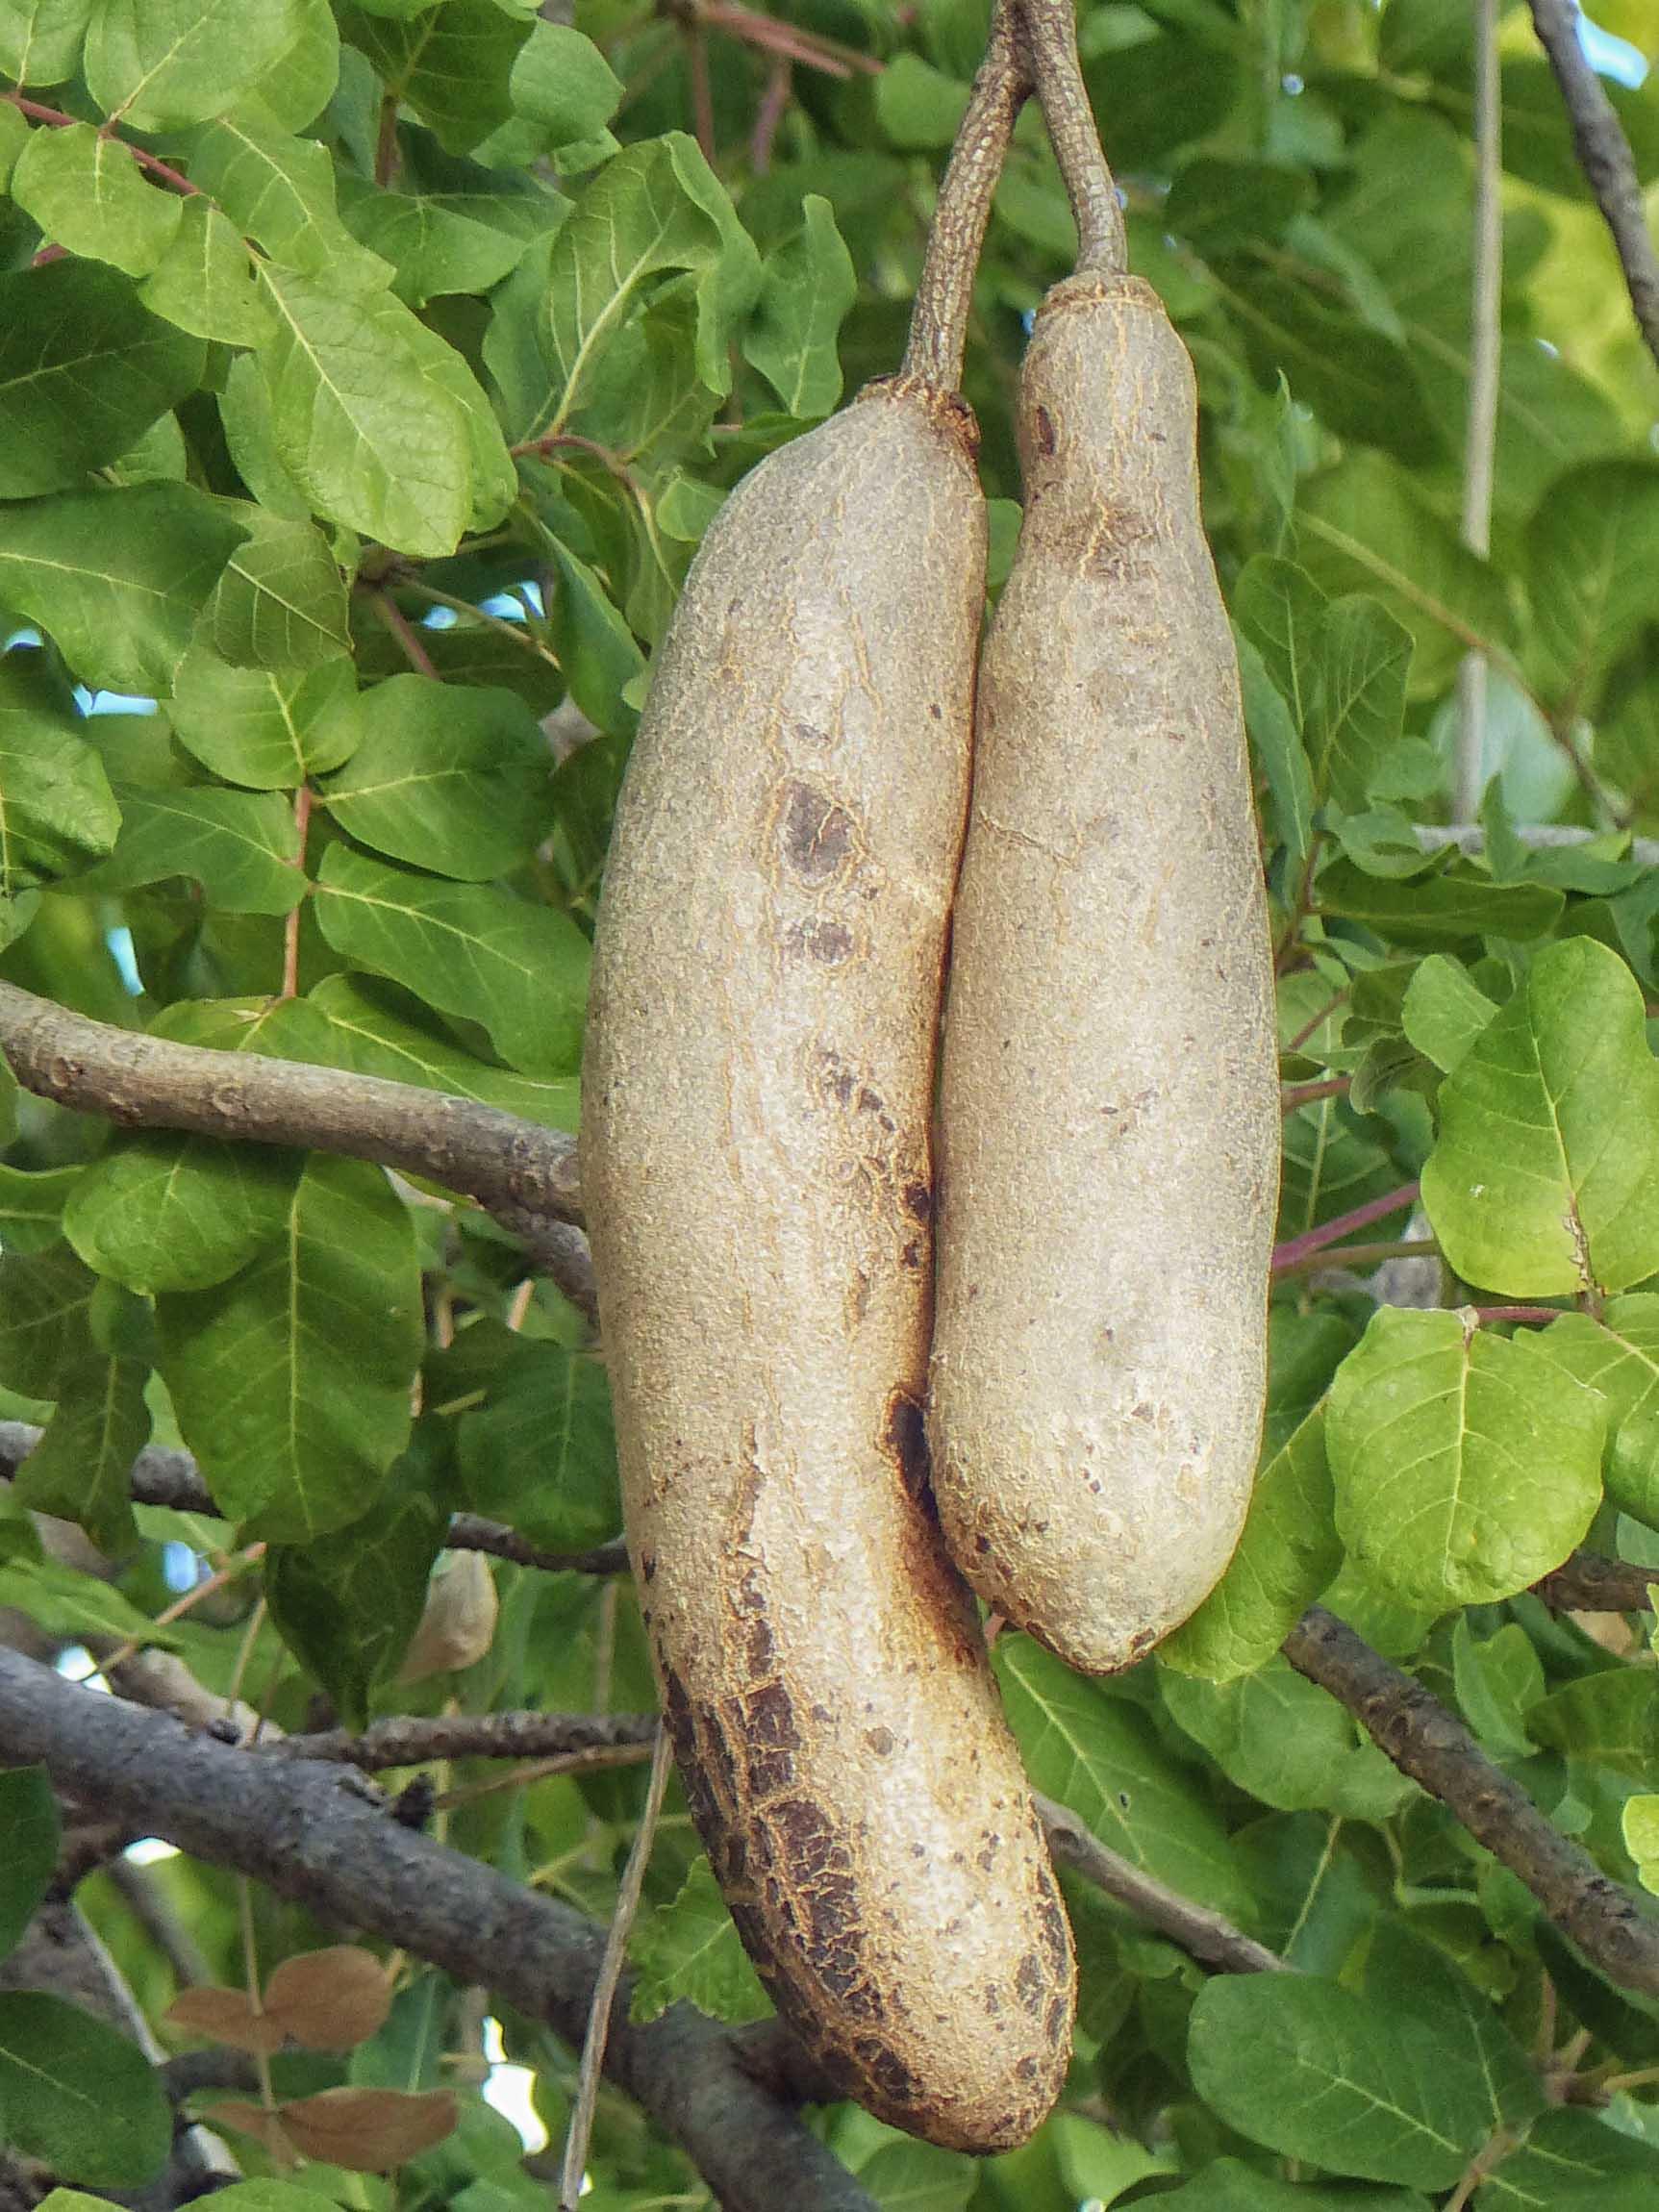 Two long dangling fruits